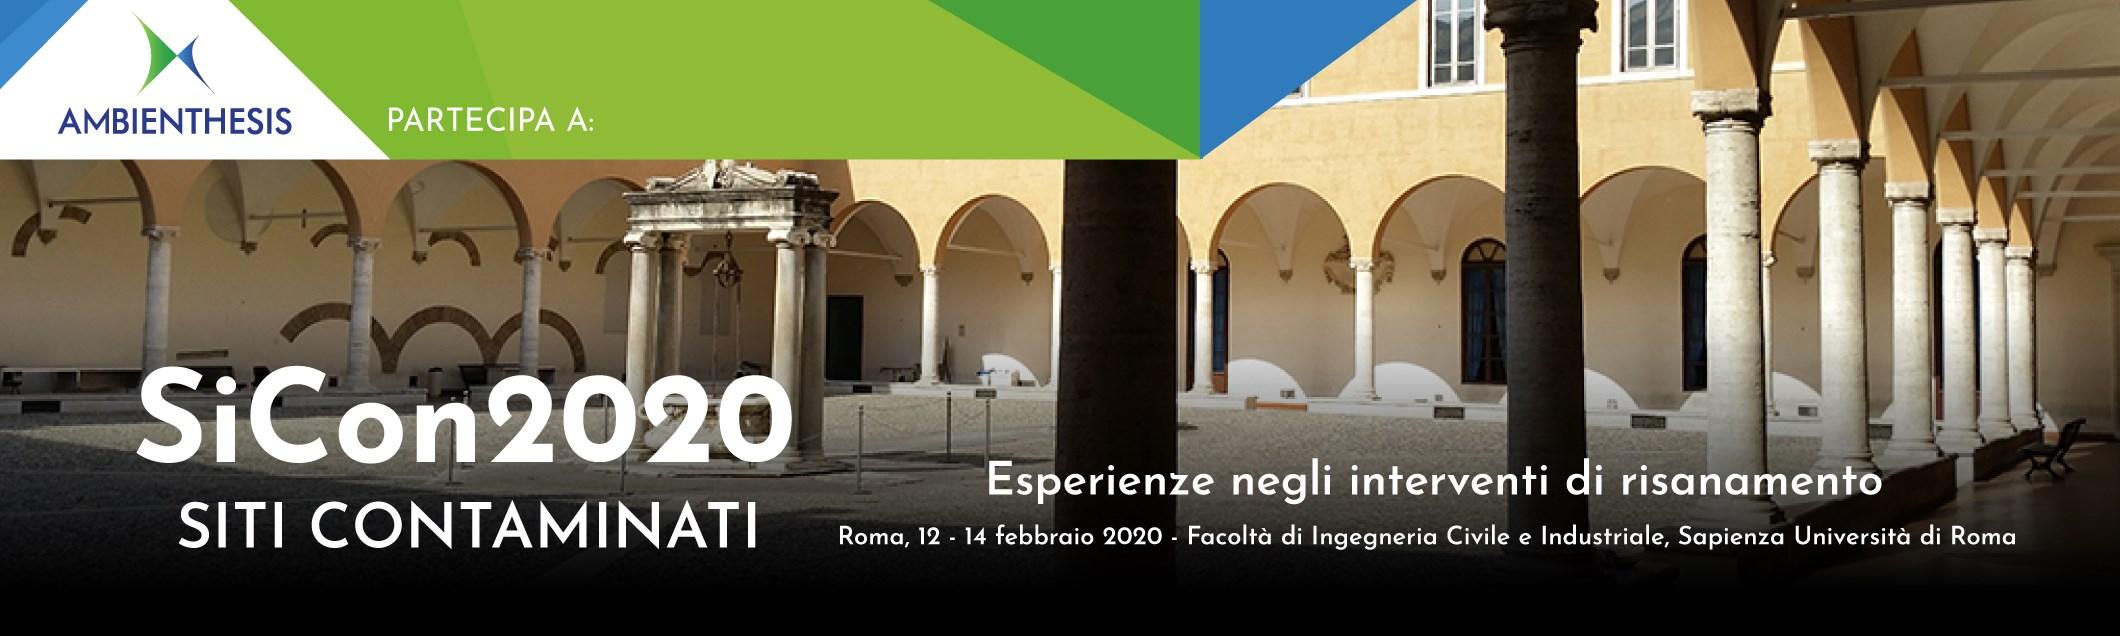 Ambiente: oltre 200 eccellenze italiane al workshop SiCon2020